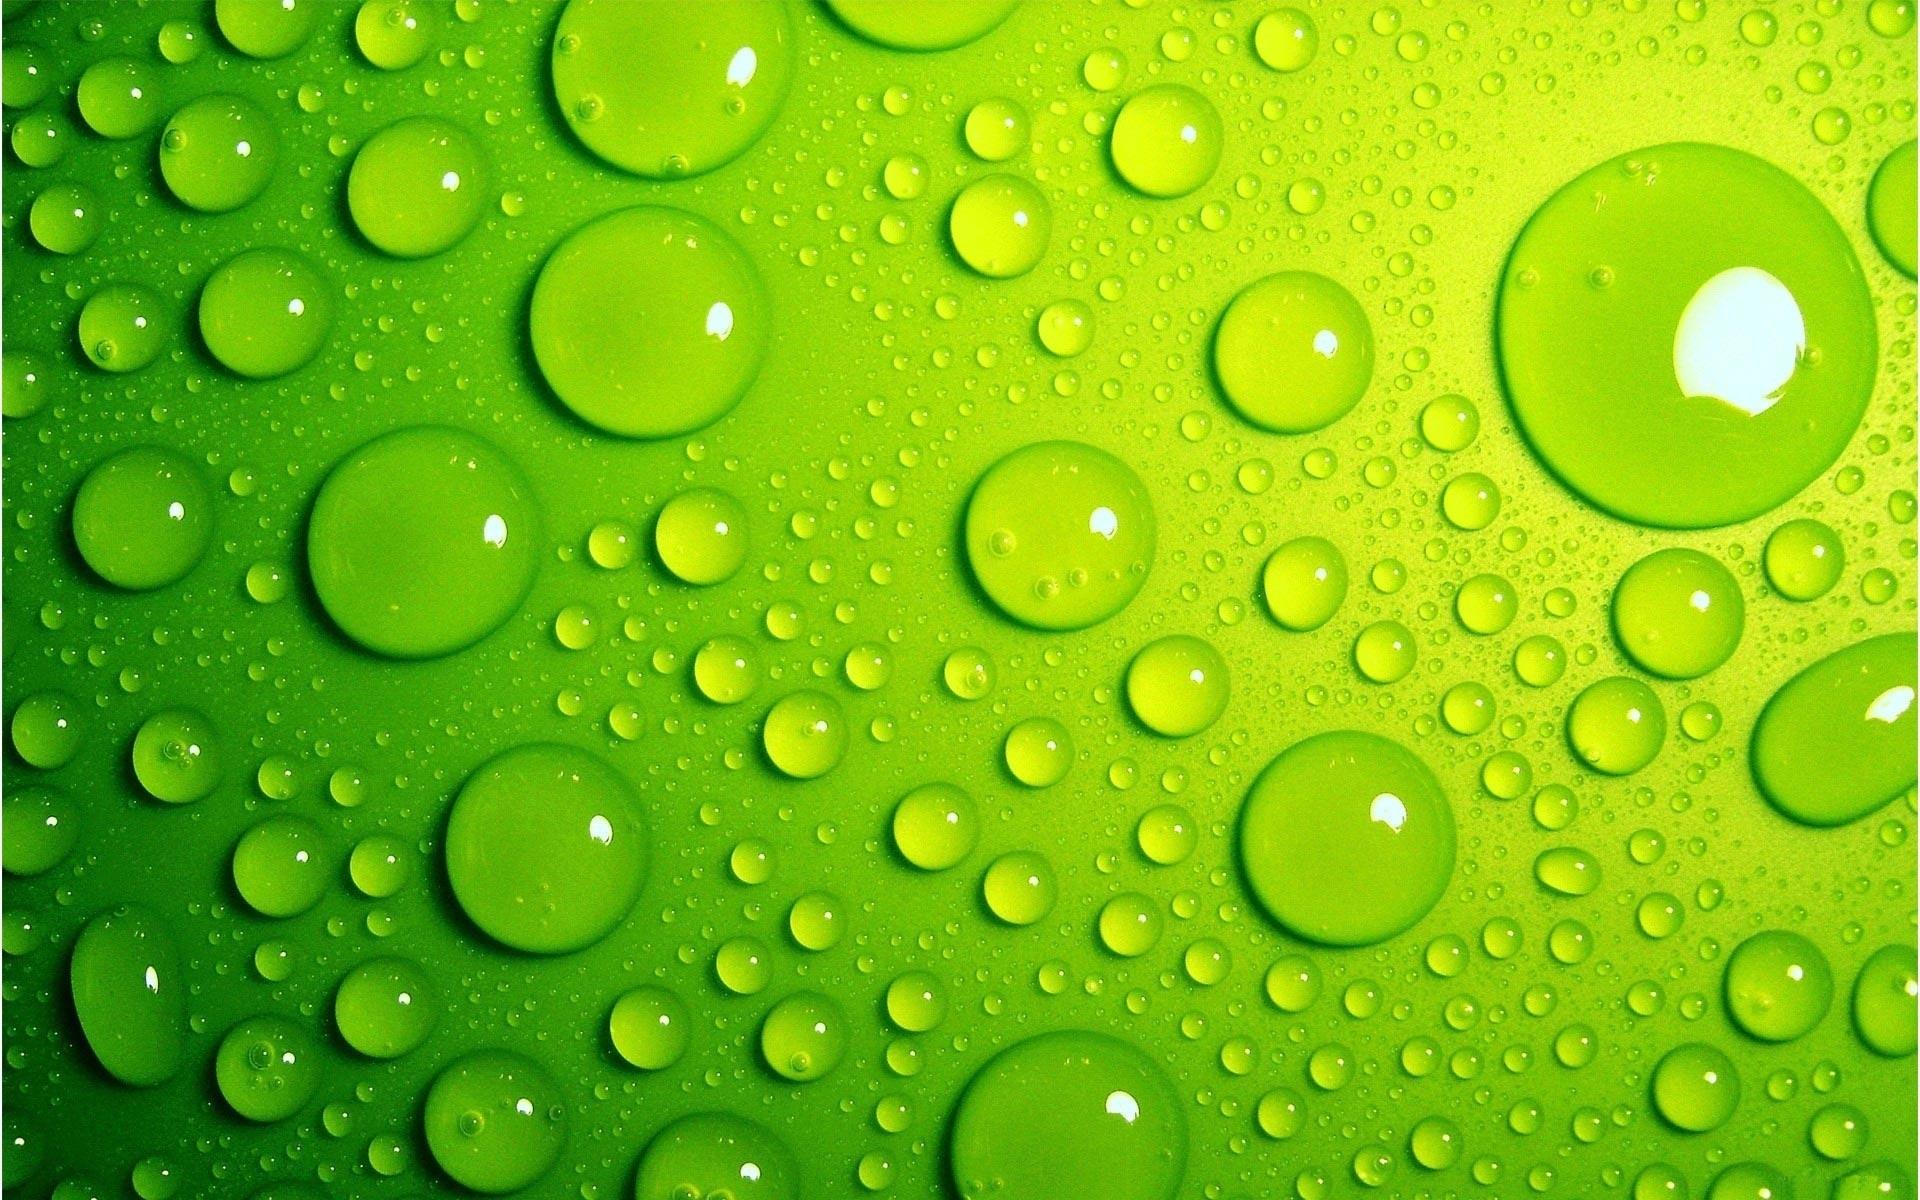 fr:31 light green wallpaper - widescreen wallpapers: light green